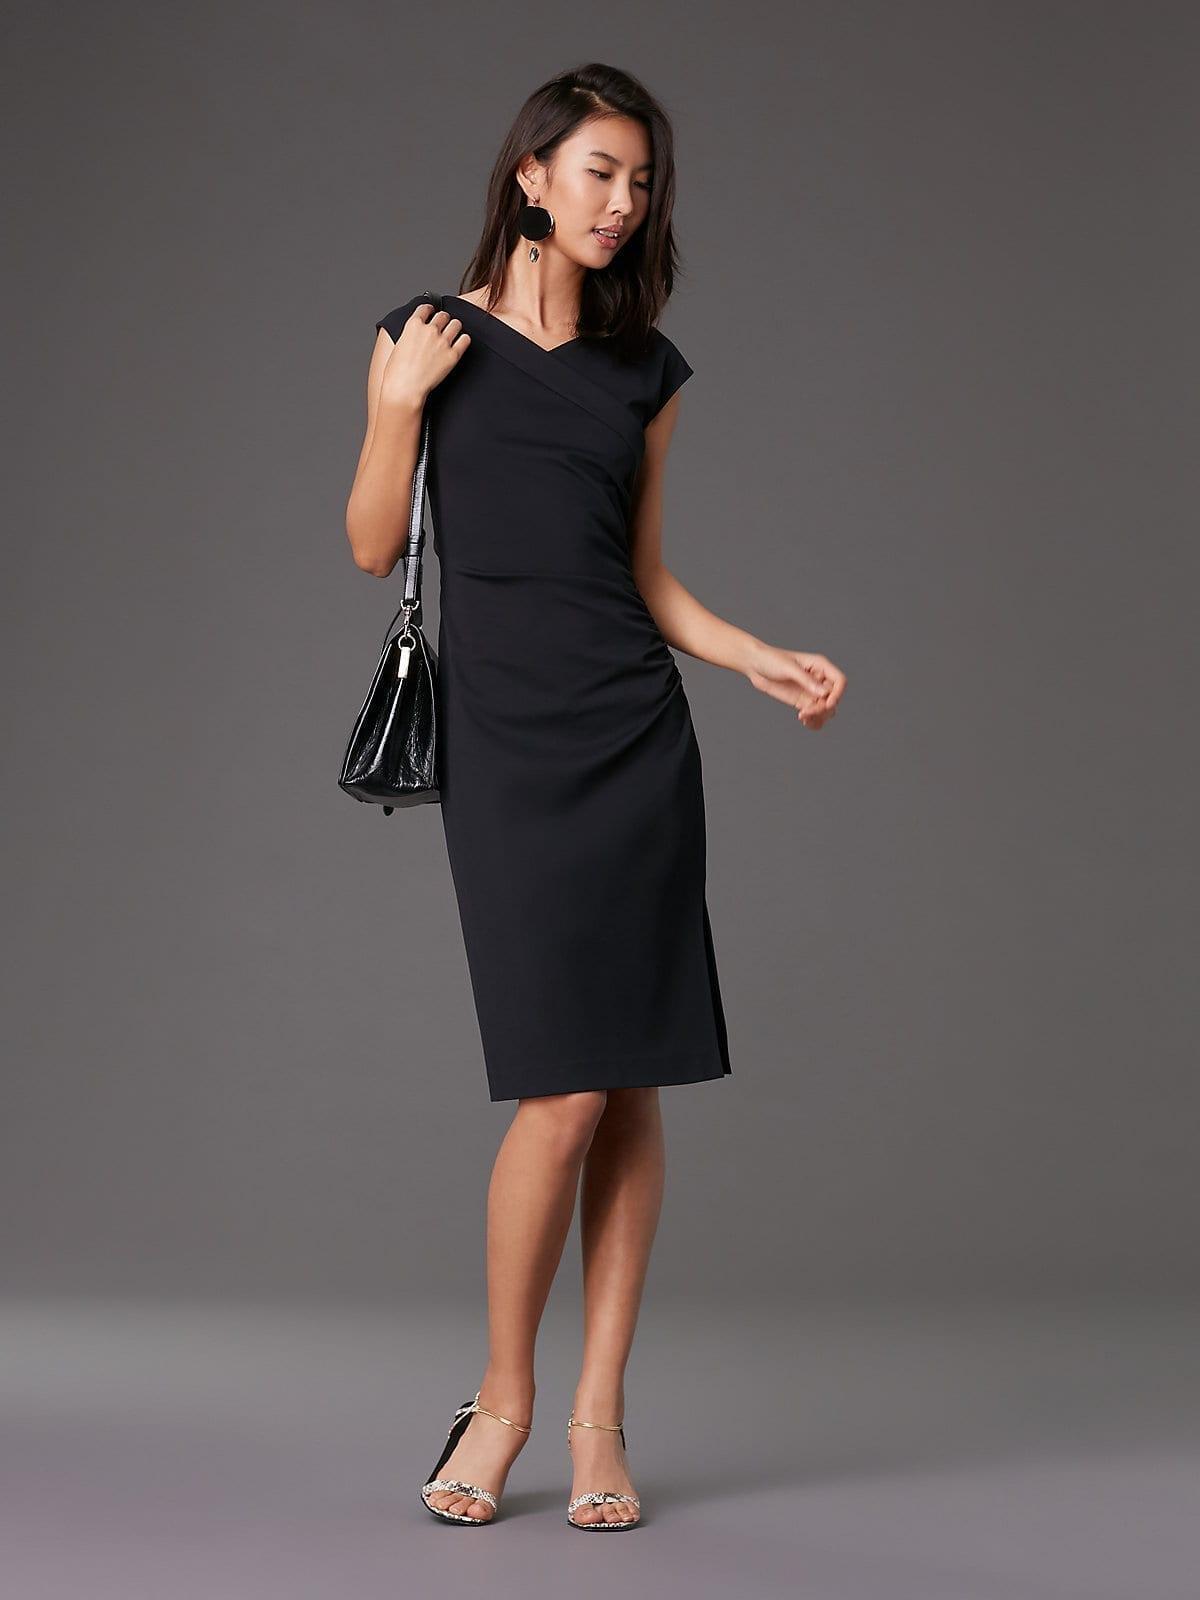 DIANE VON FURSTENBERG Cap Sleeve Ruched Jersey Black Dress